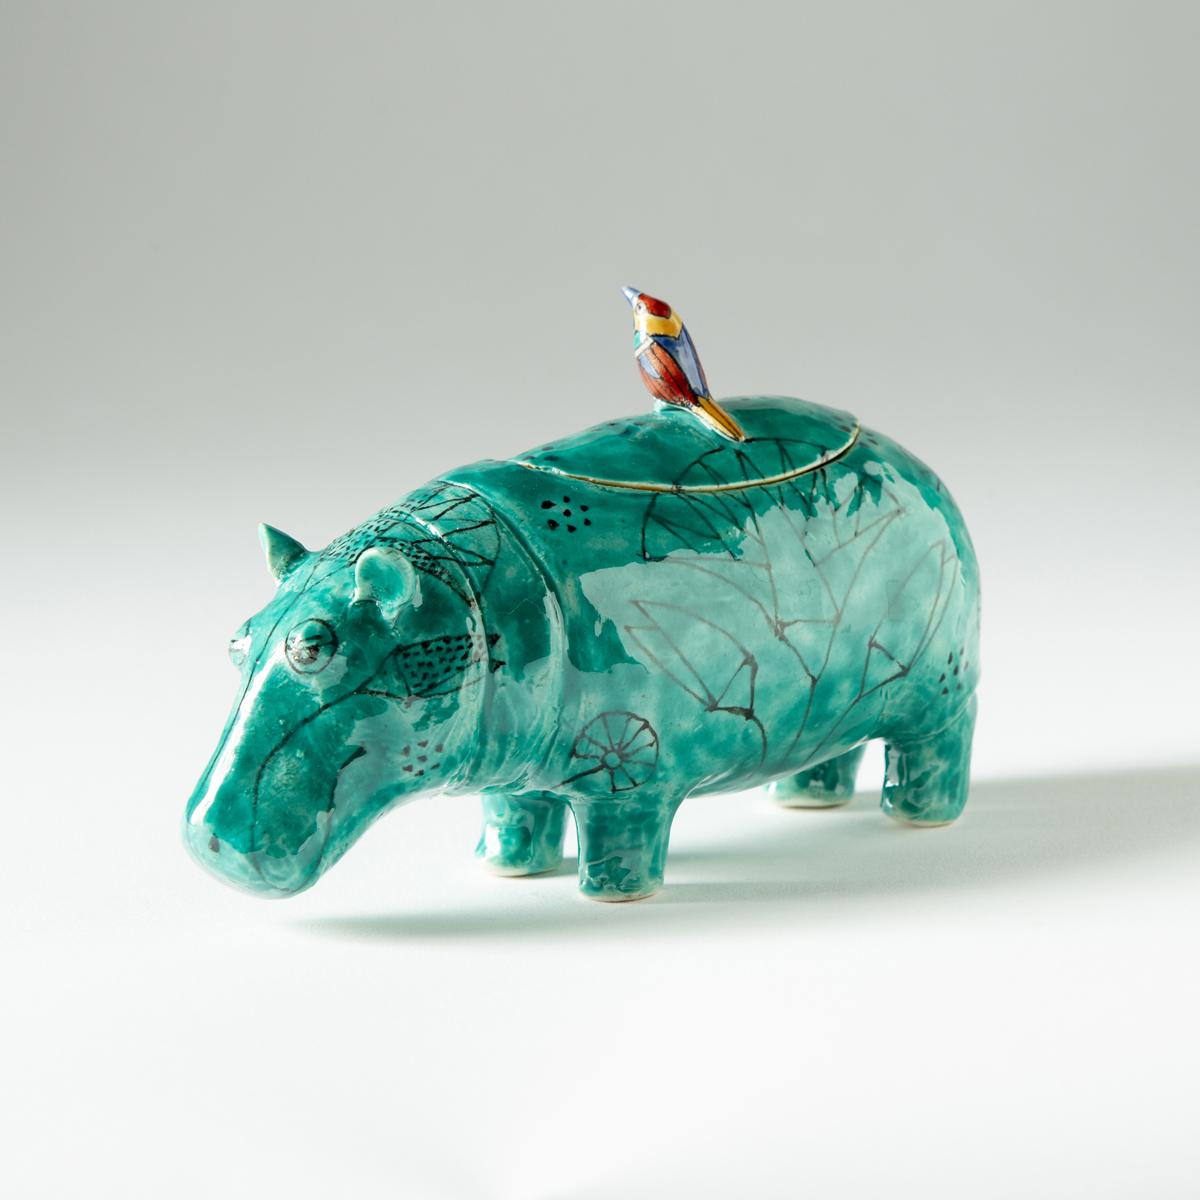 Hippo (Kensuke Fujiyoshi)